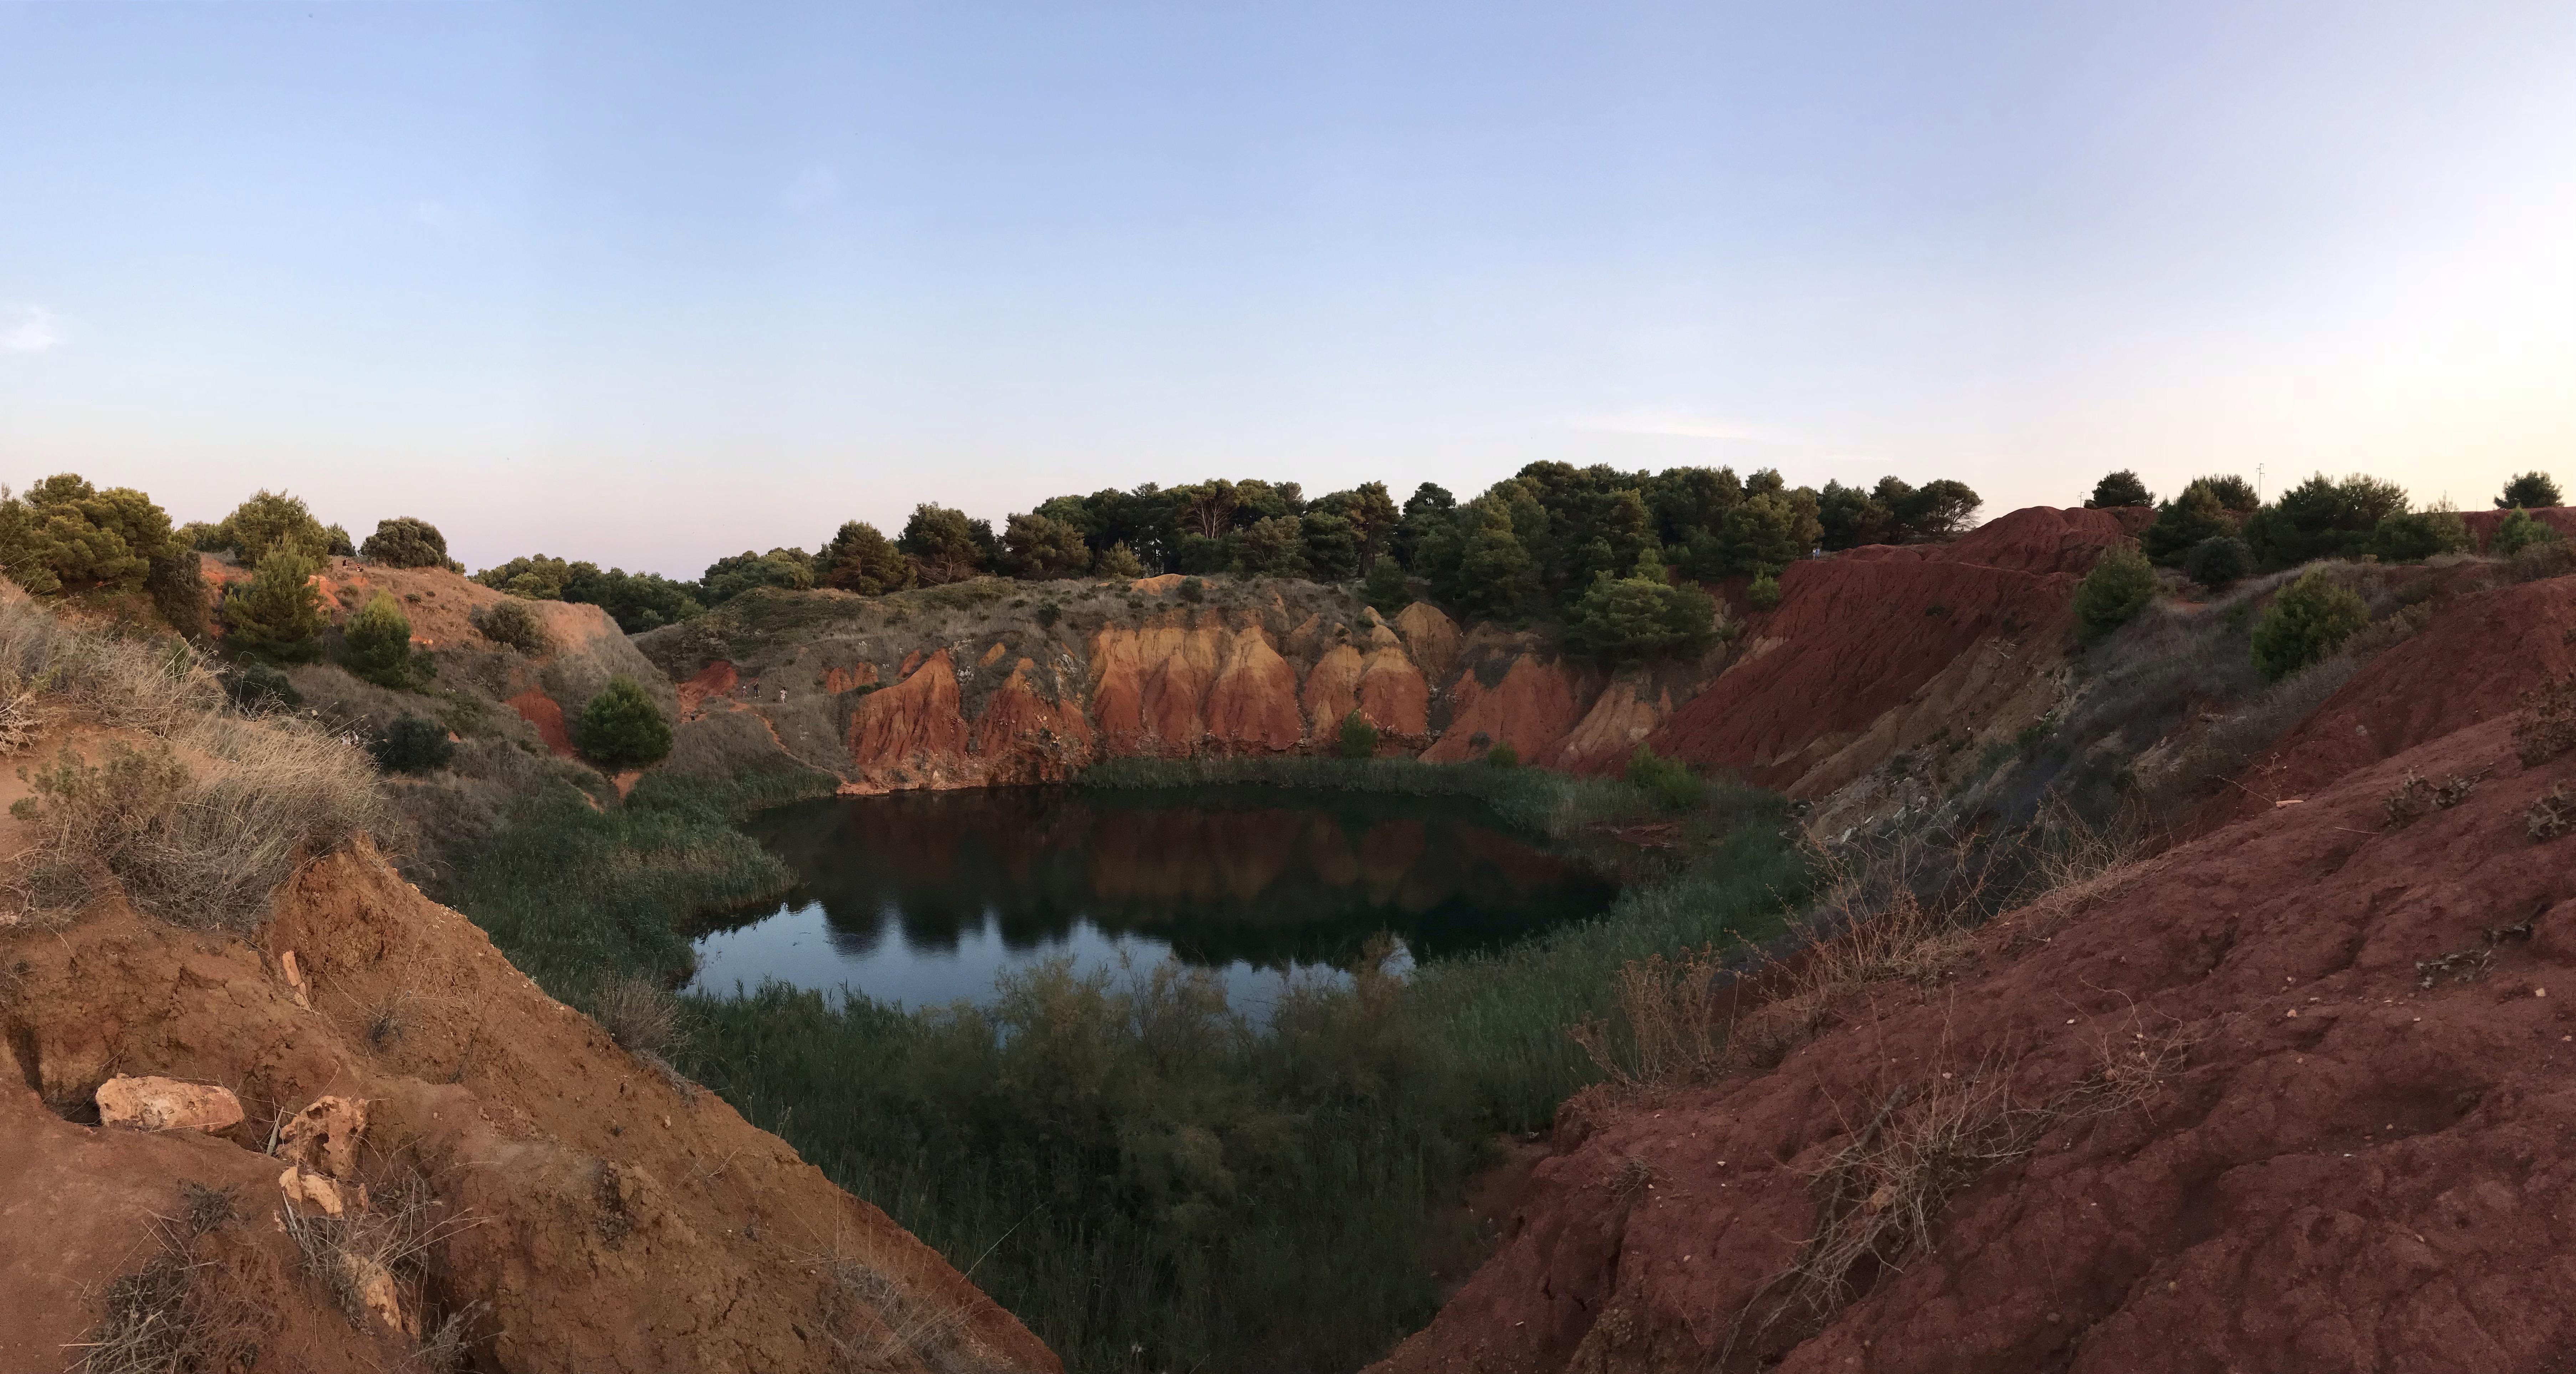 cava-bauxite-otranto-puglia-italia